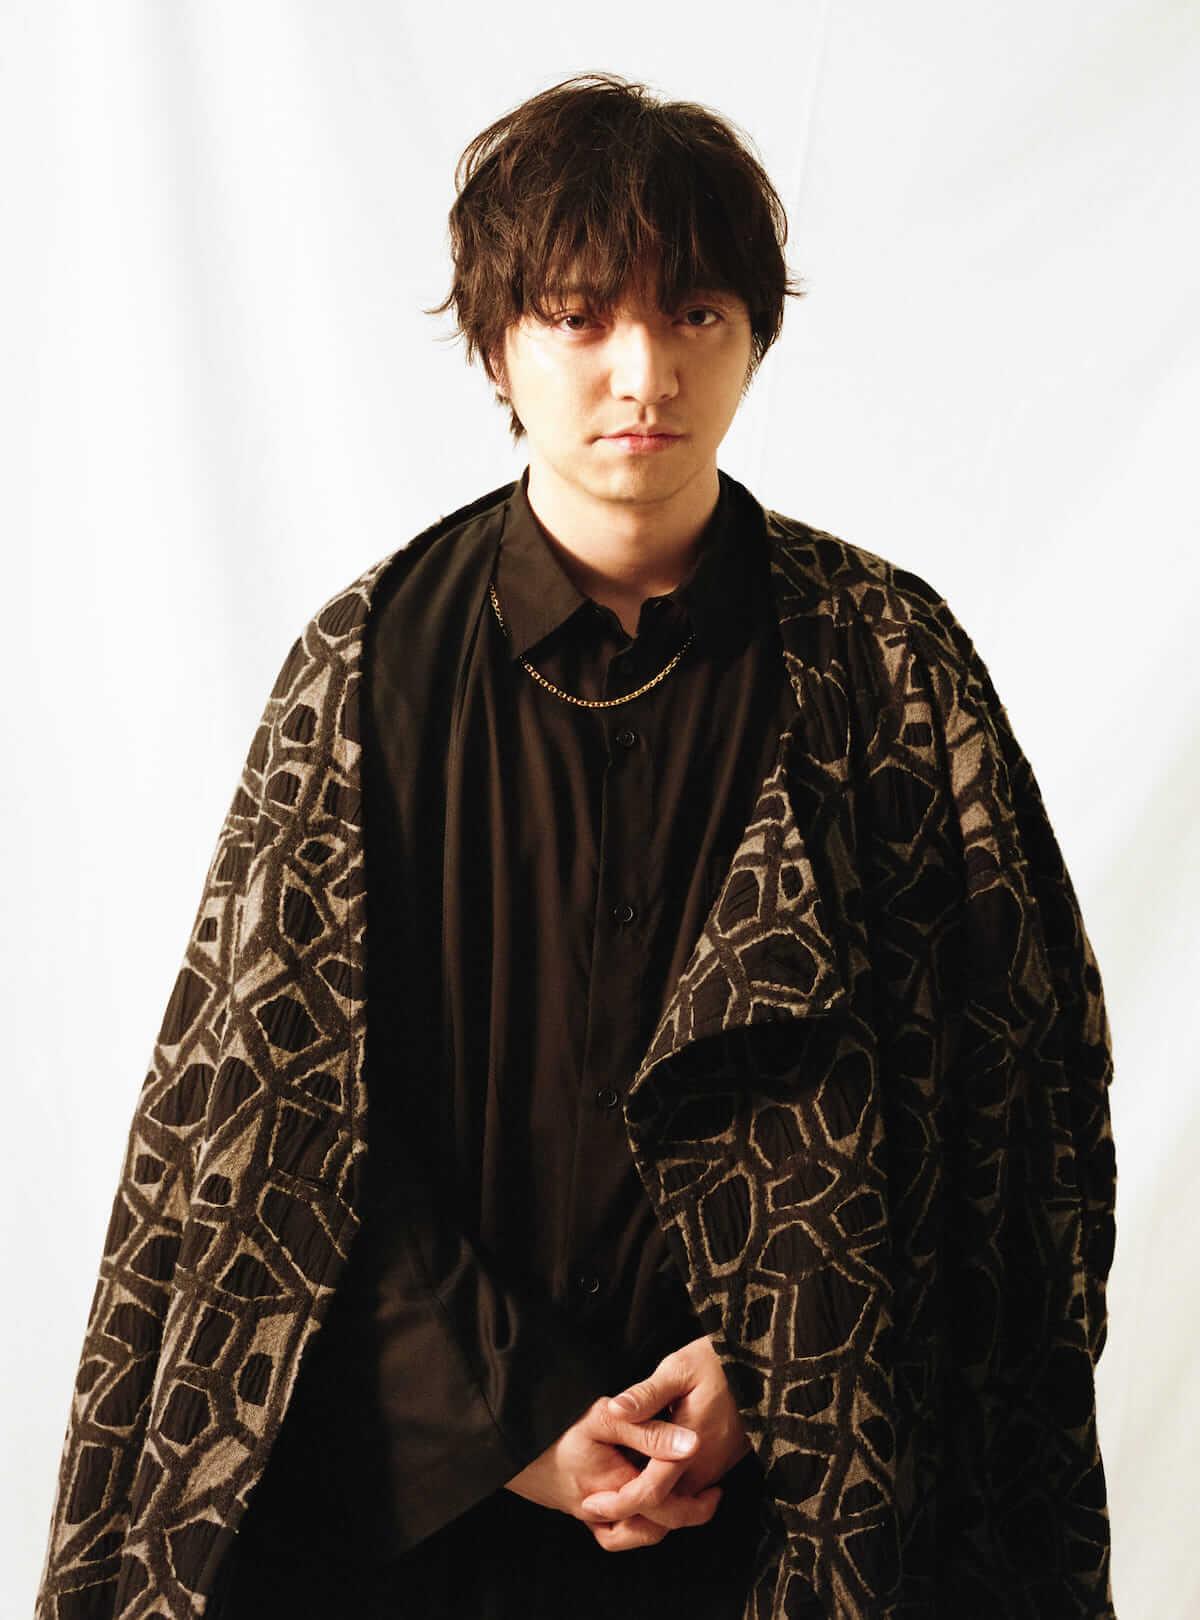 レキシが9月に6枚目のアルバム「ムキシ」をリリース|ゲスト第1弾で三浦大知、上原ひろみ、手嶌葵が発表 music180810-rekishi-1-1200x1620